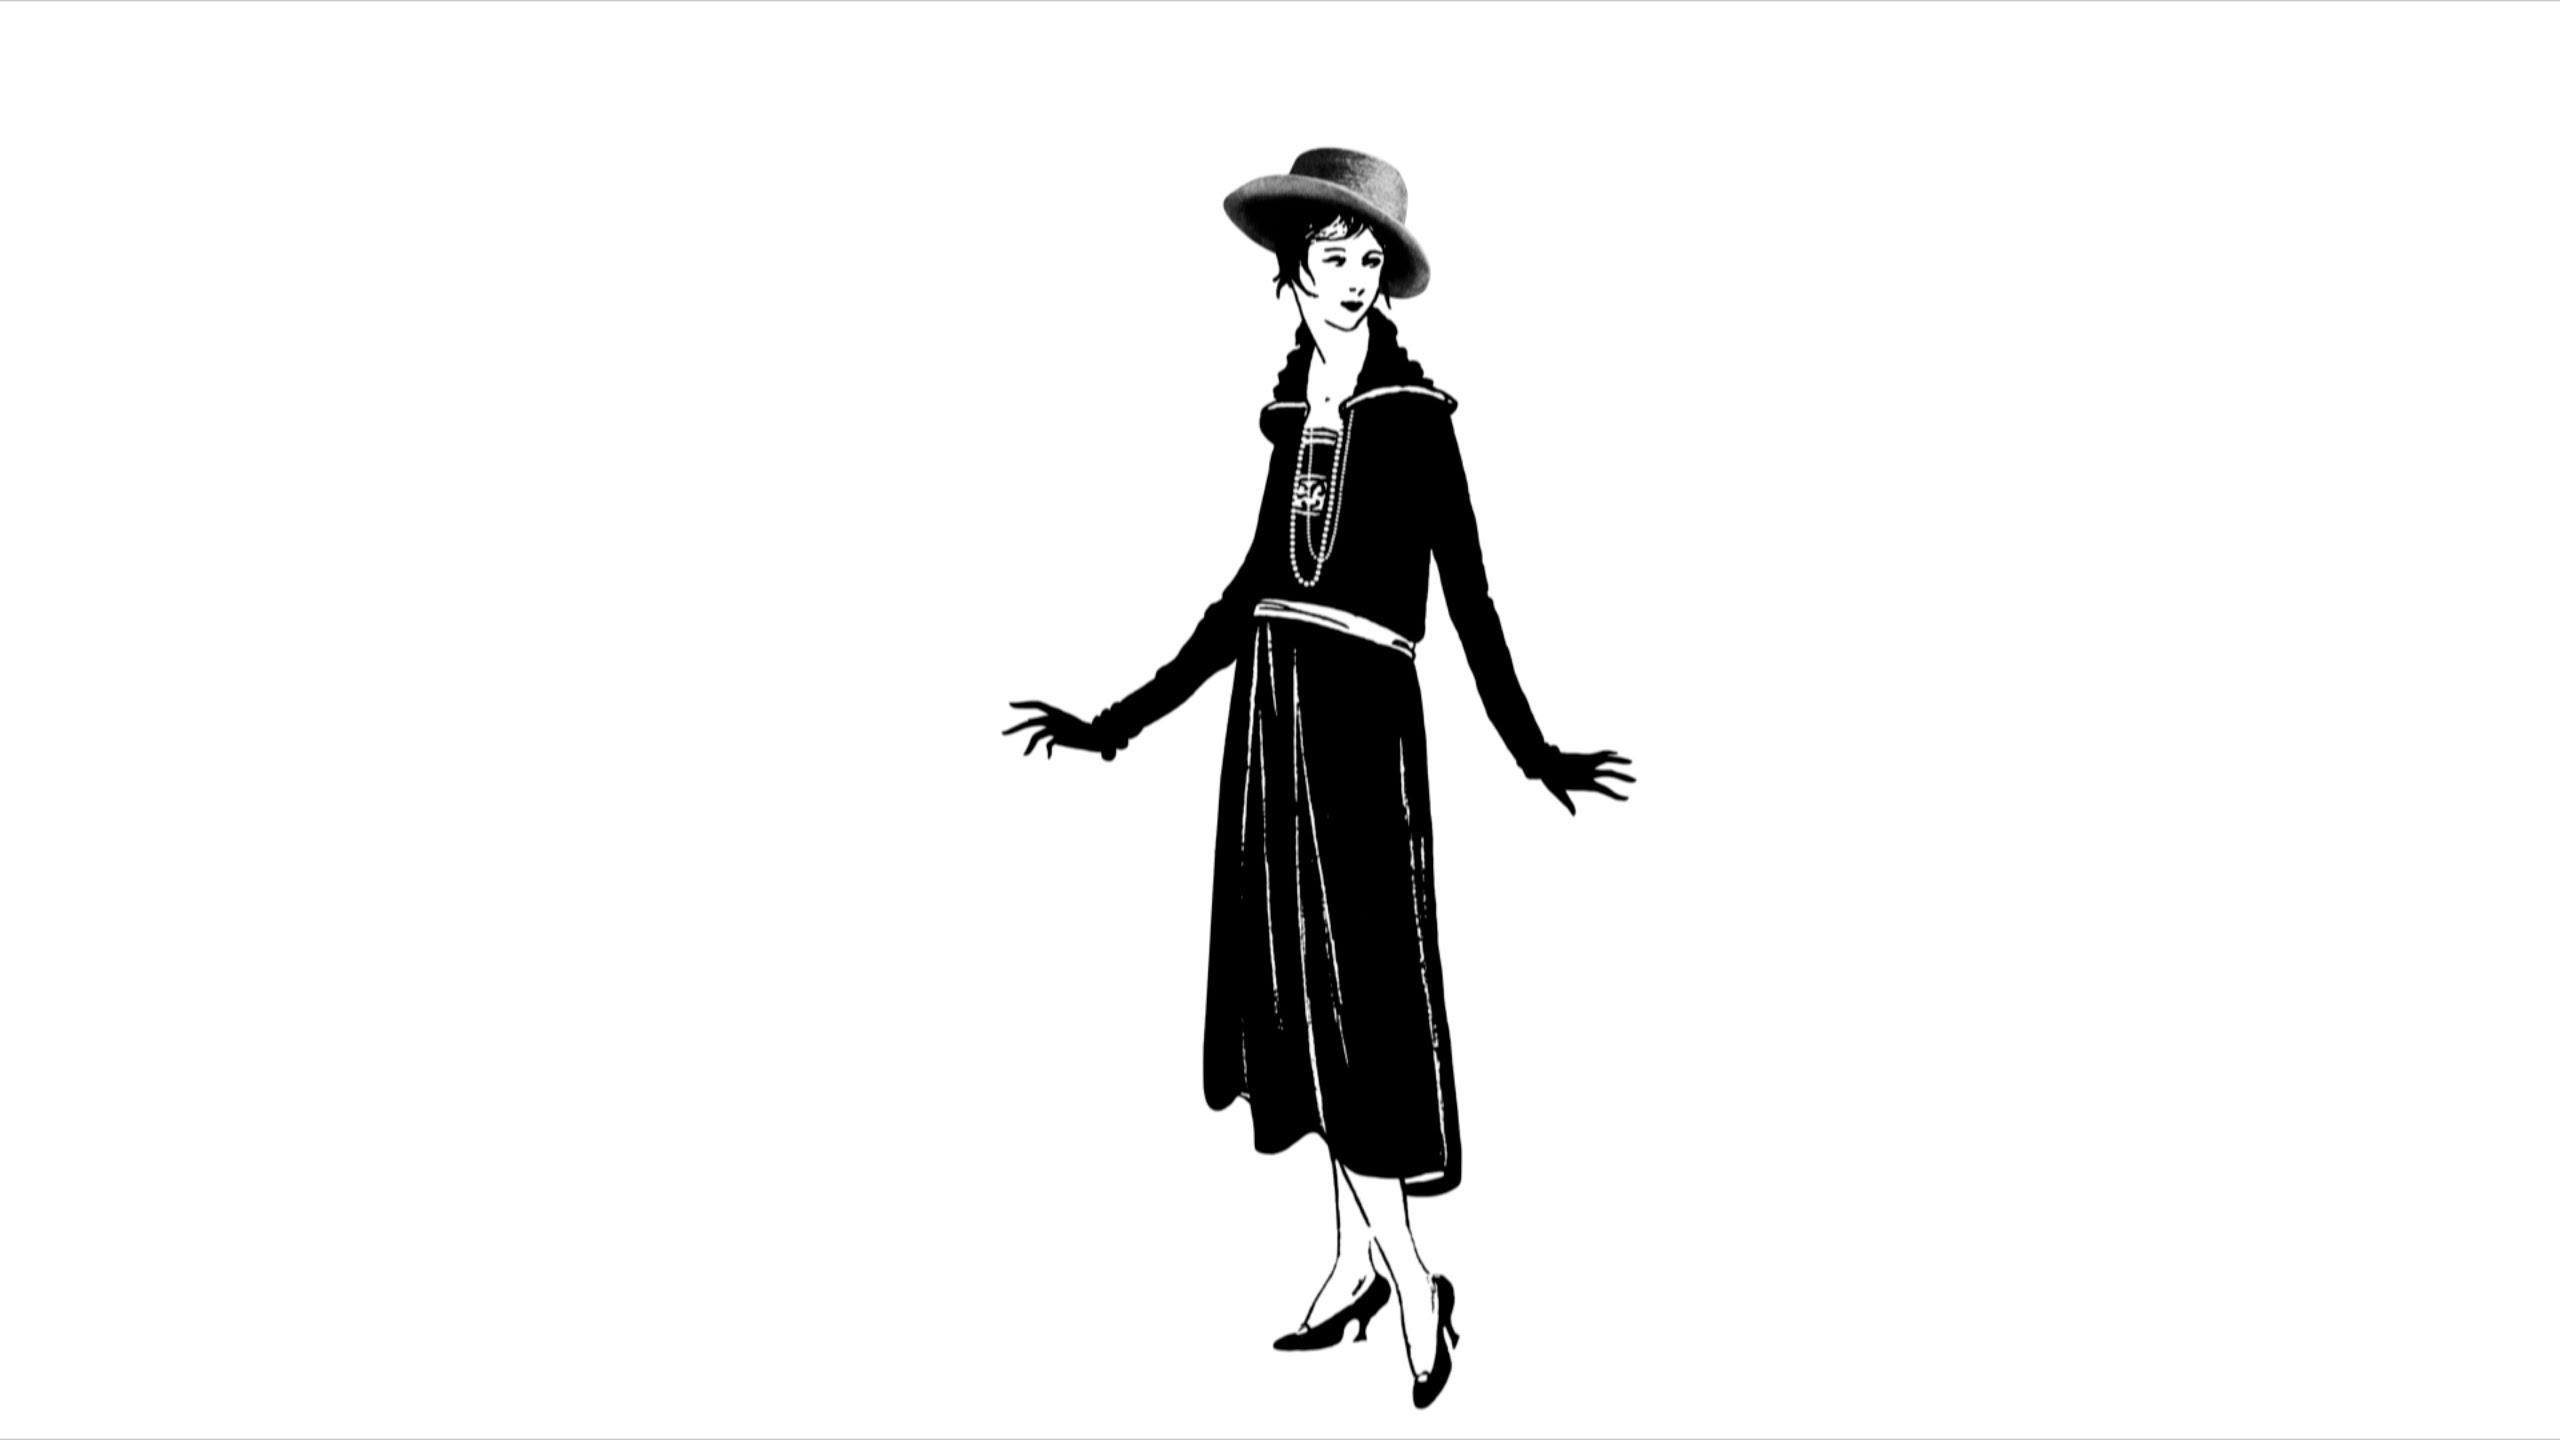 「時尚女王香奈兒的傳奇一生」- Inside Chanel: Coco